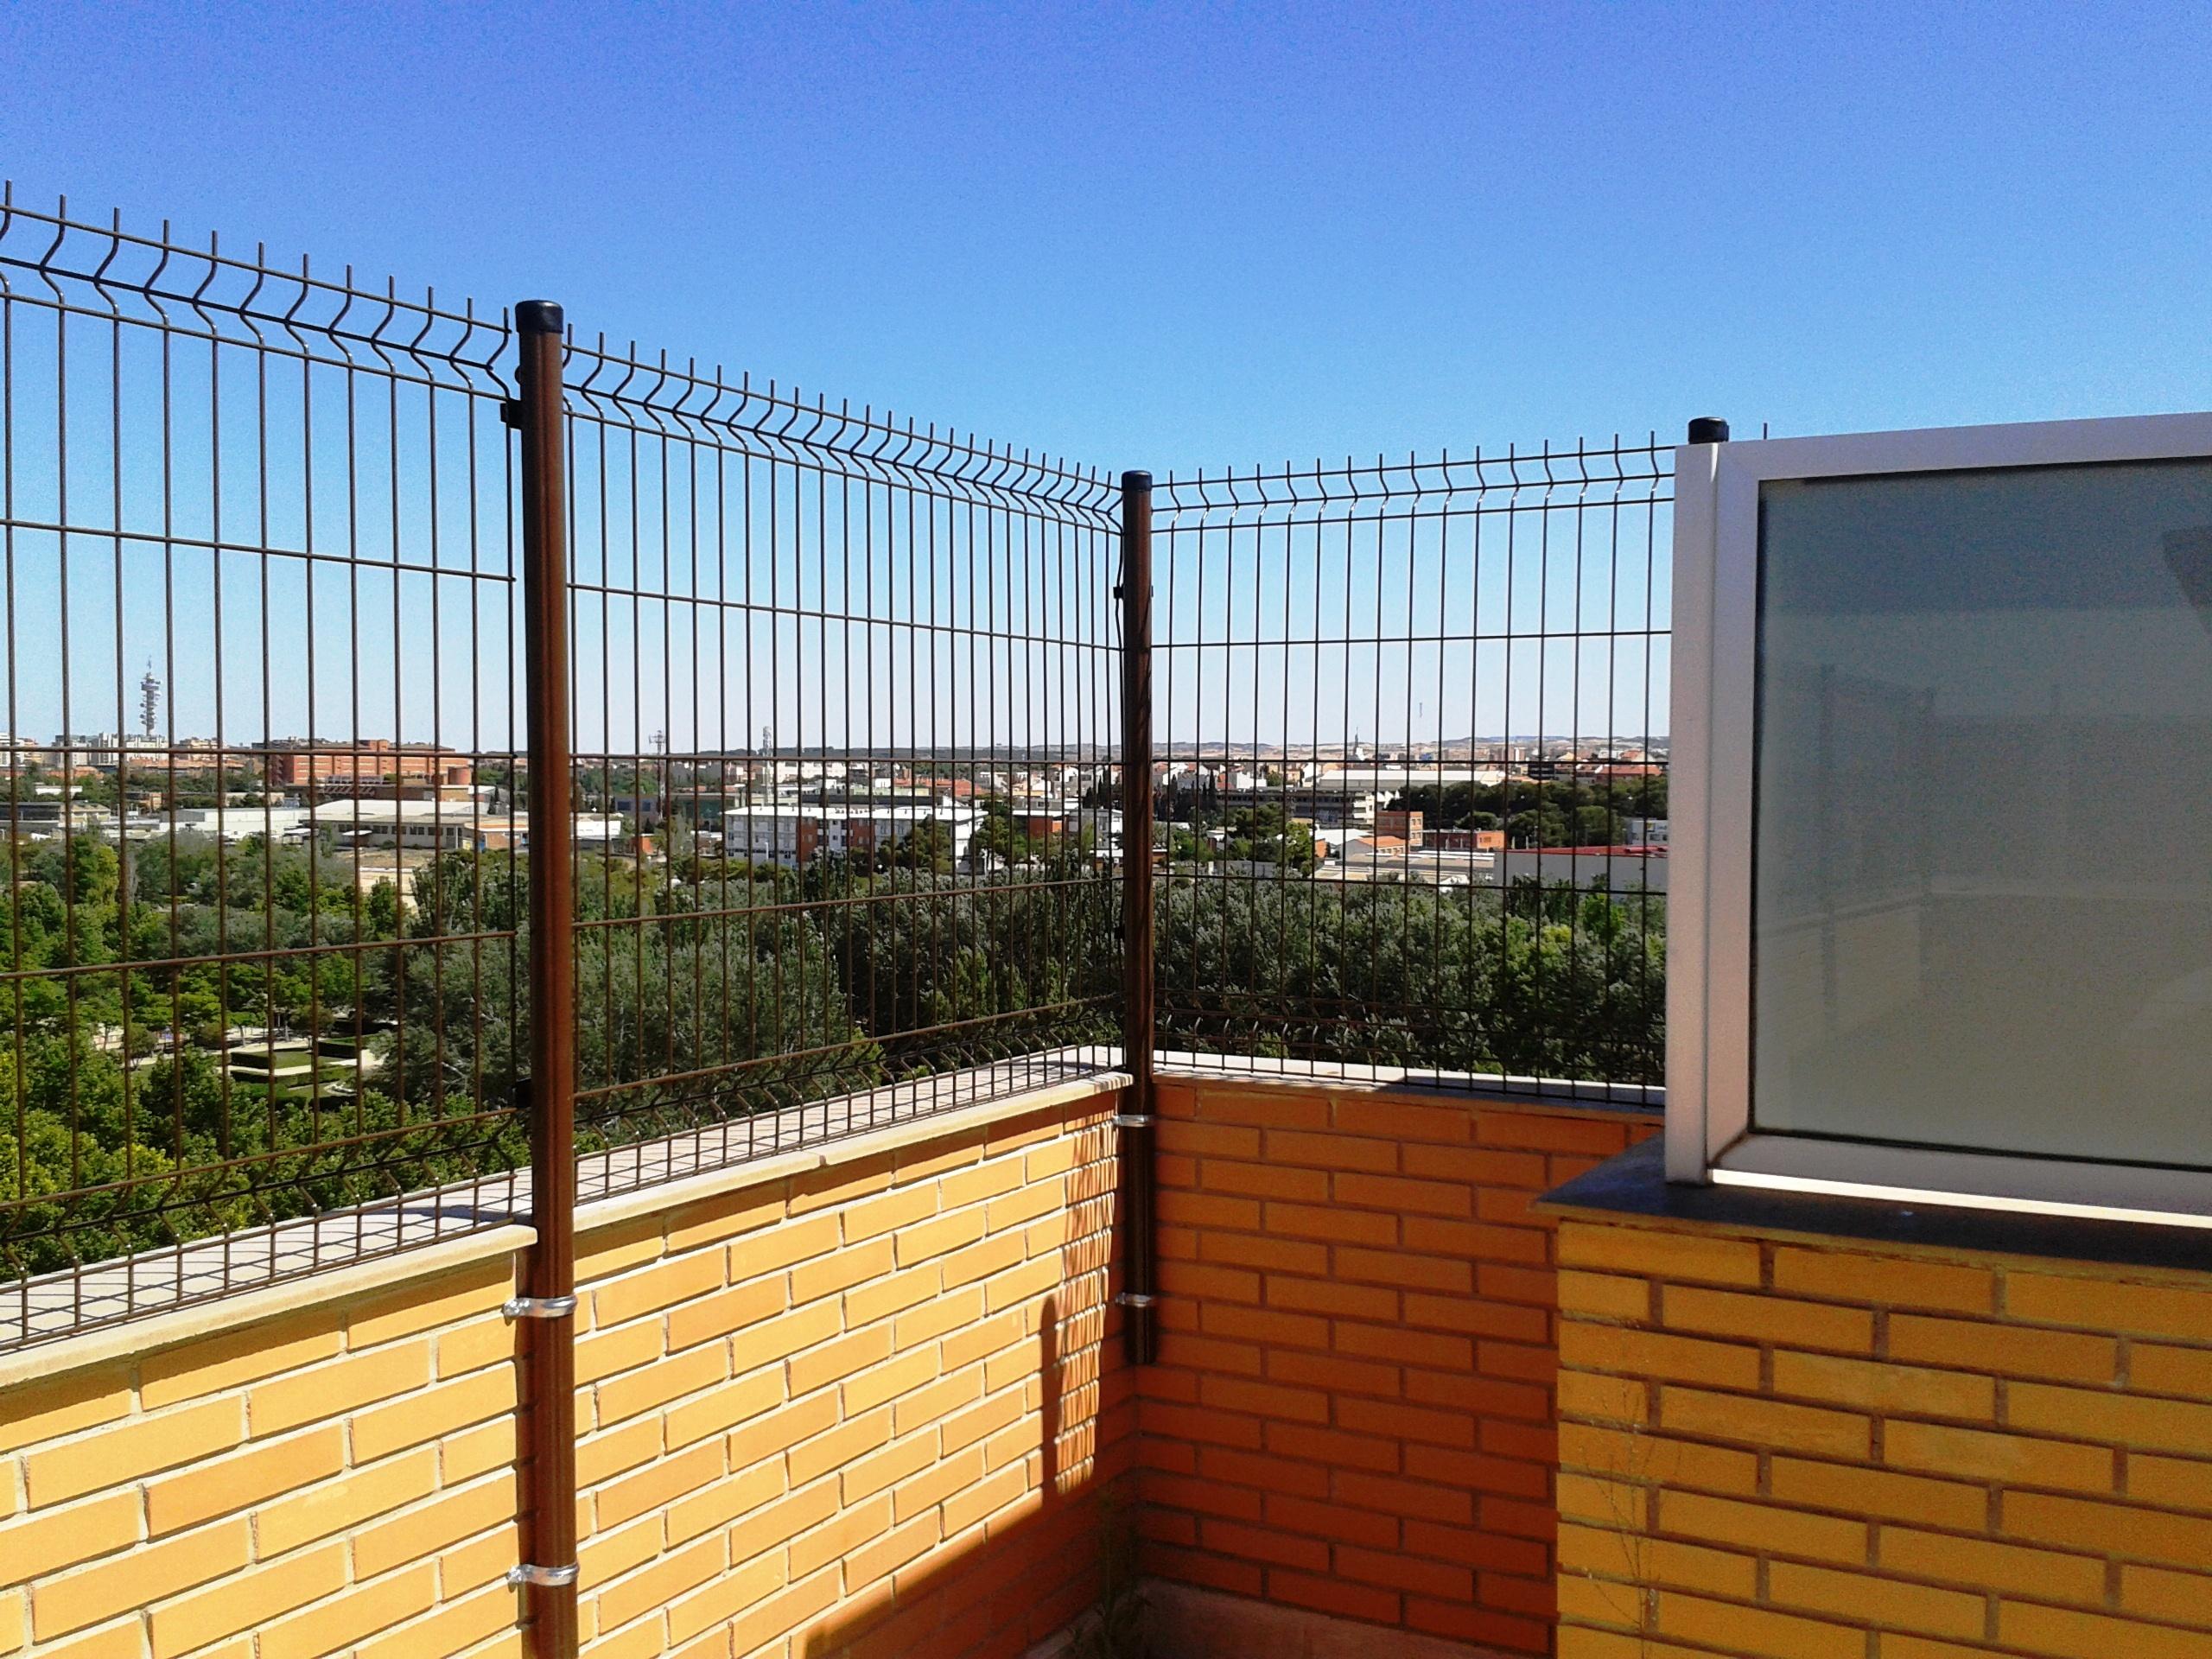 Vinuesa vallas cercados 5 formas de colocar de postes de - Vallas para muros ...